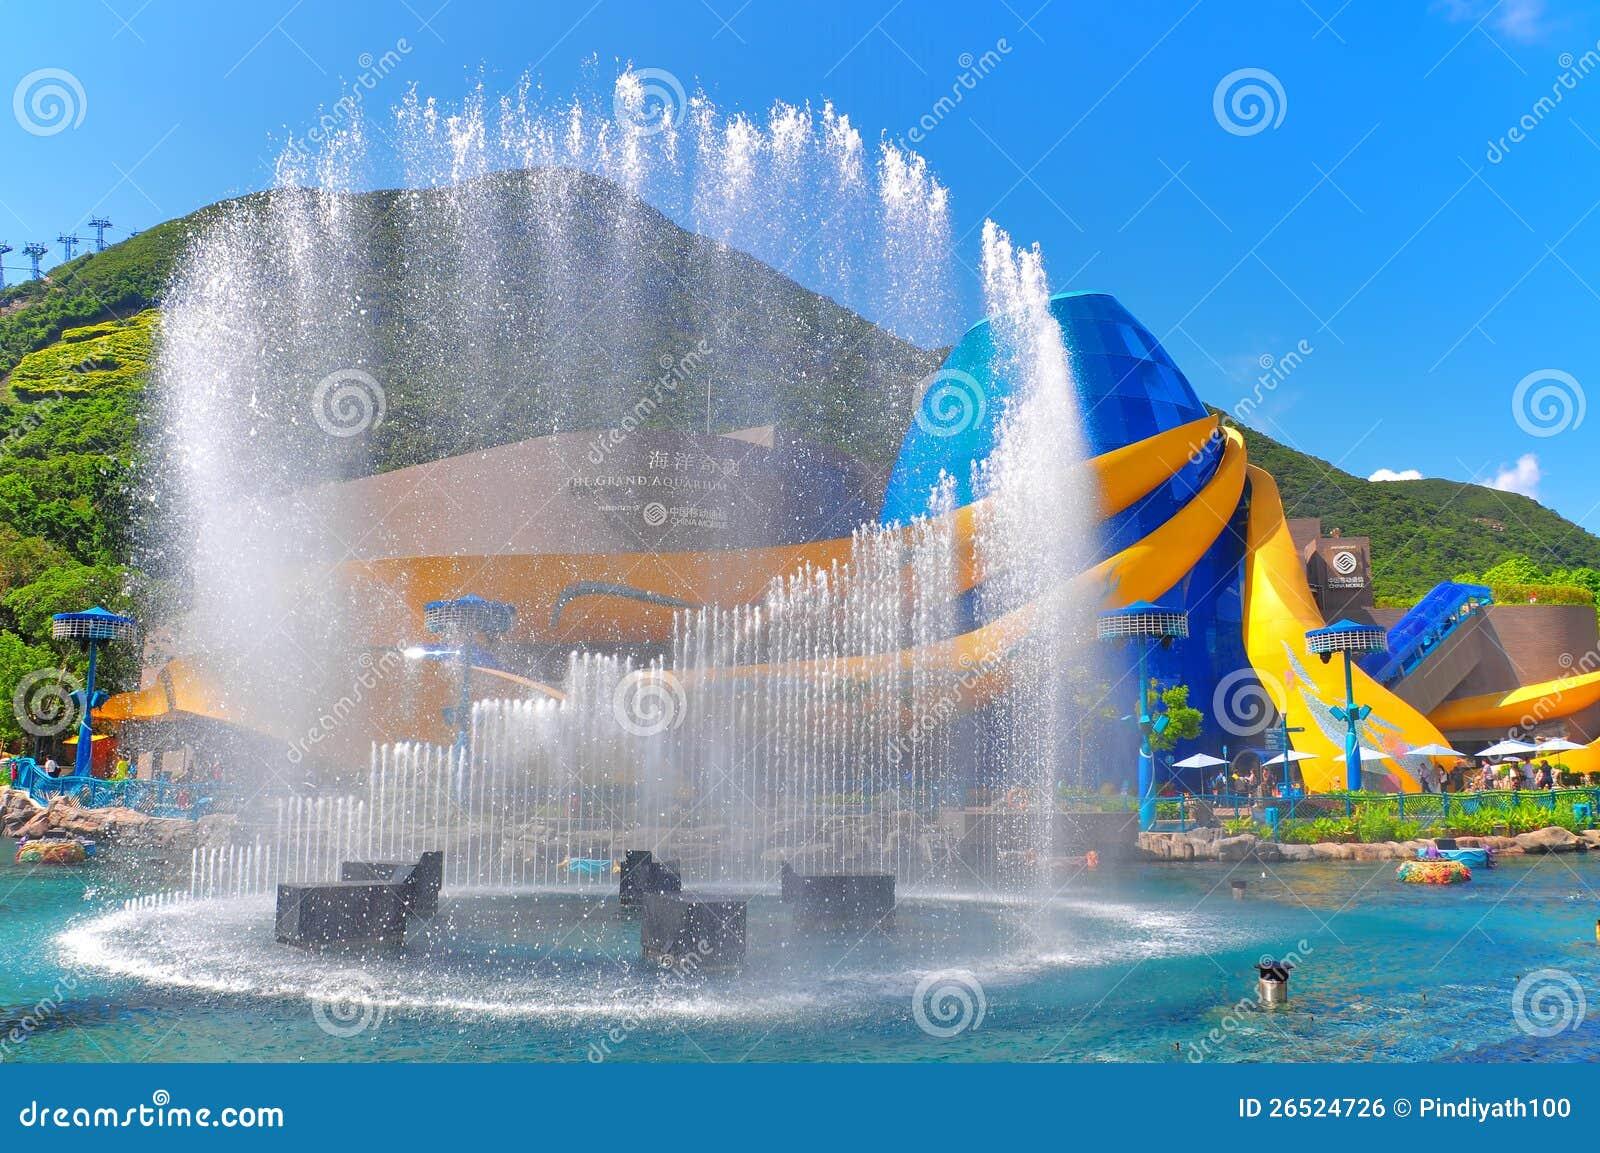 Image Result For Ocean Park Grand Aquarium